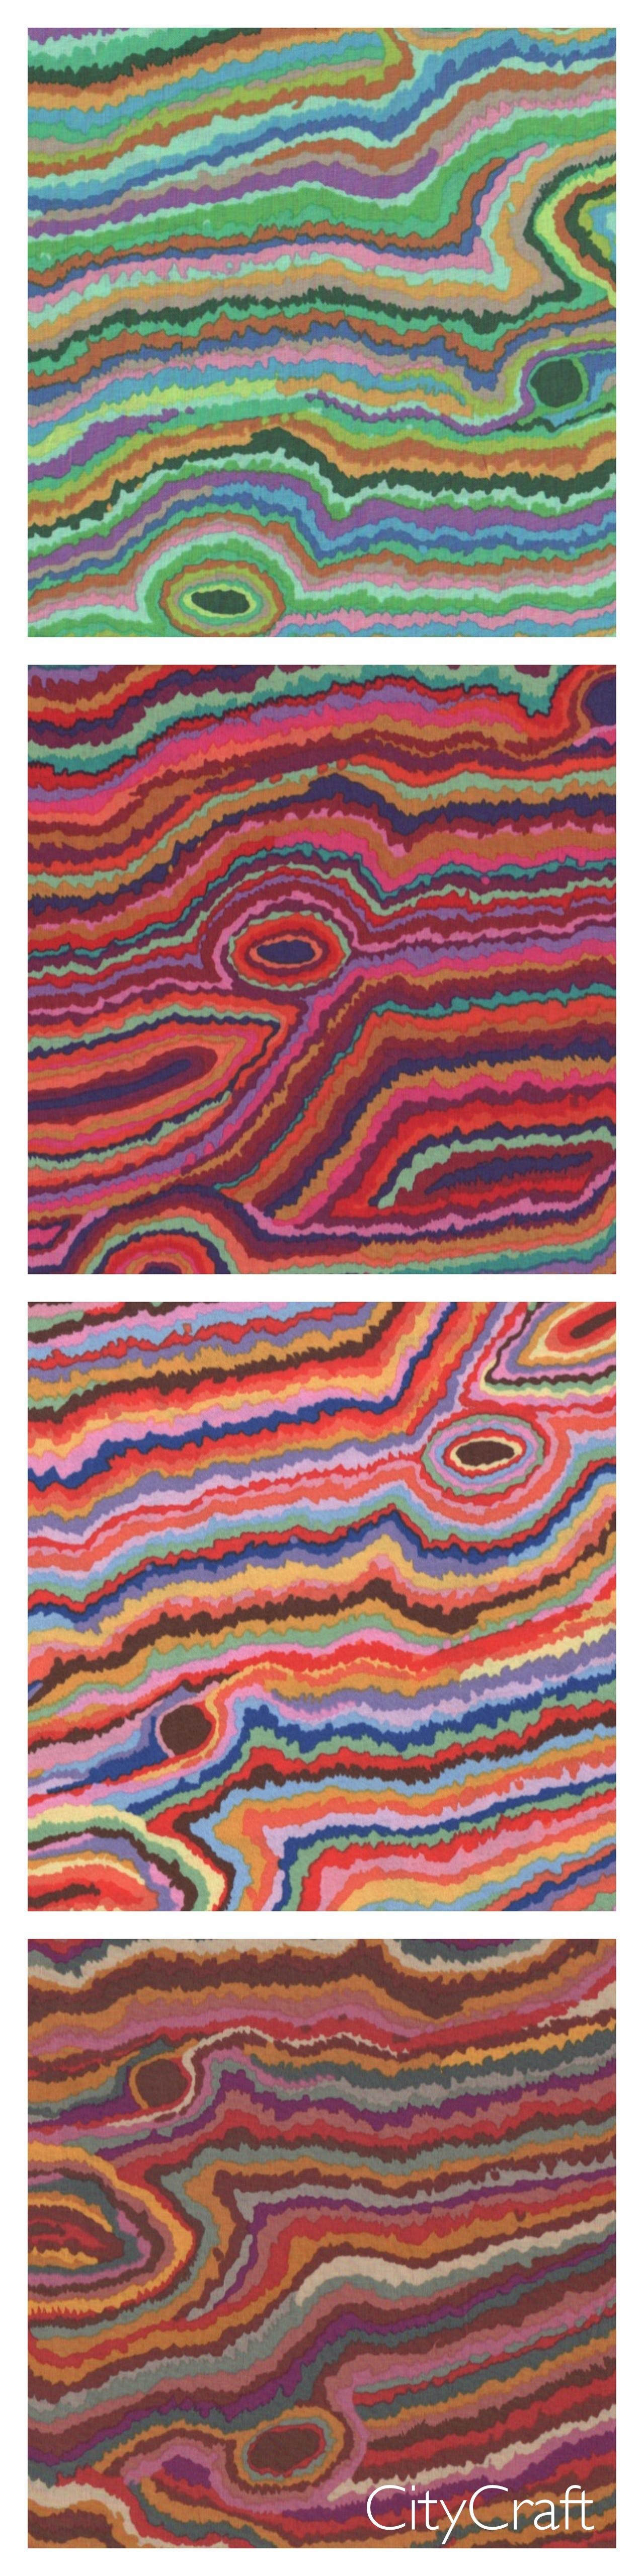 Kaffe Fassett Jupiter Print Fabric at CityCraft